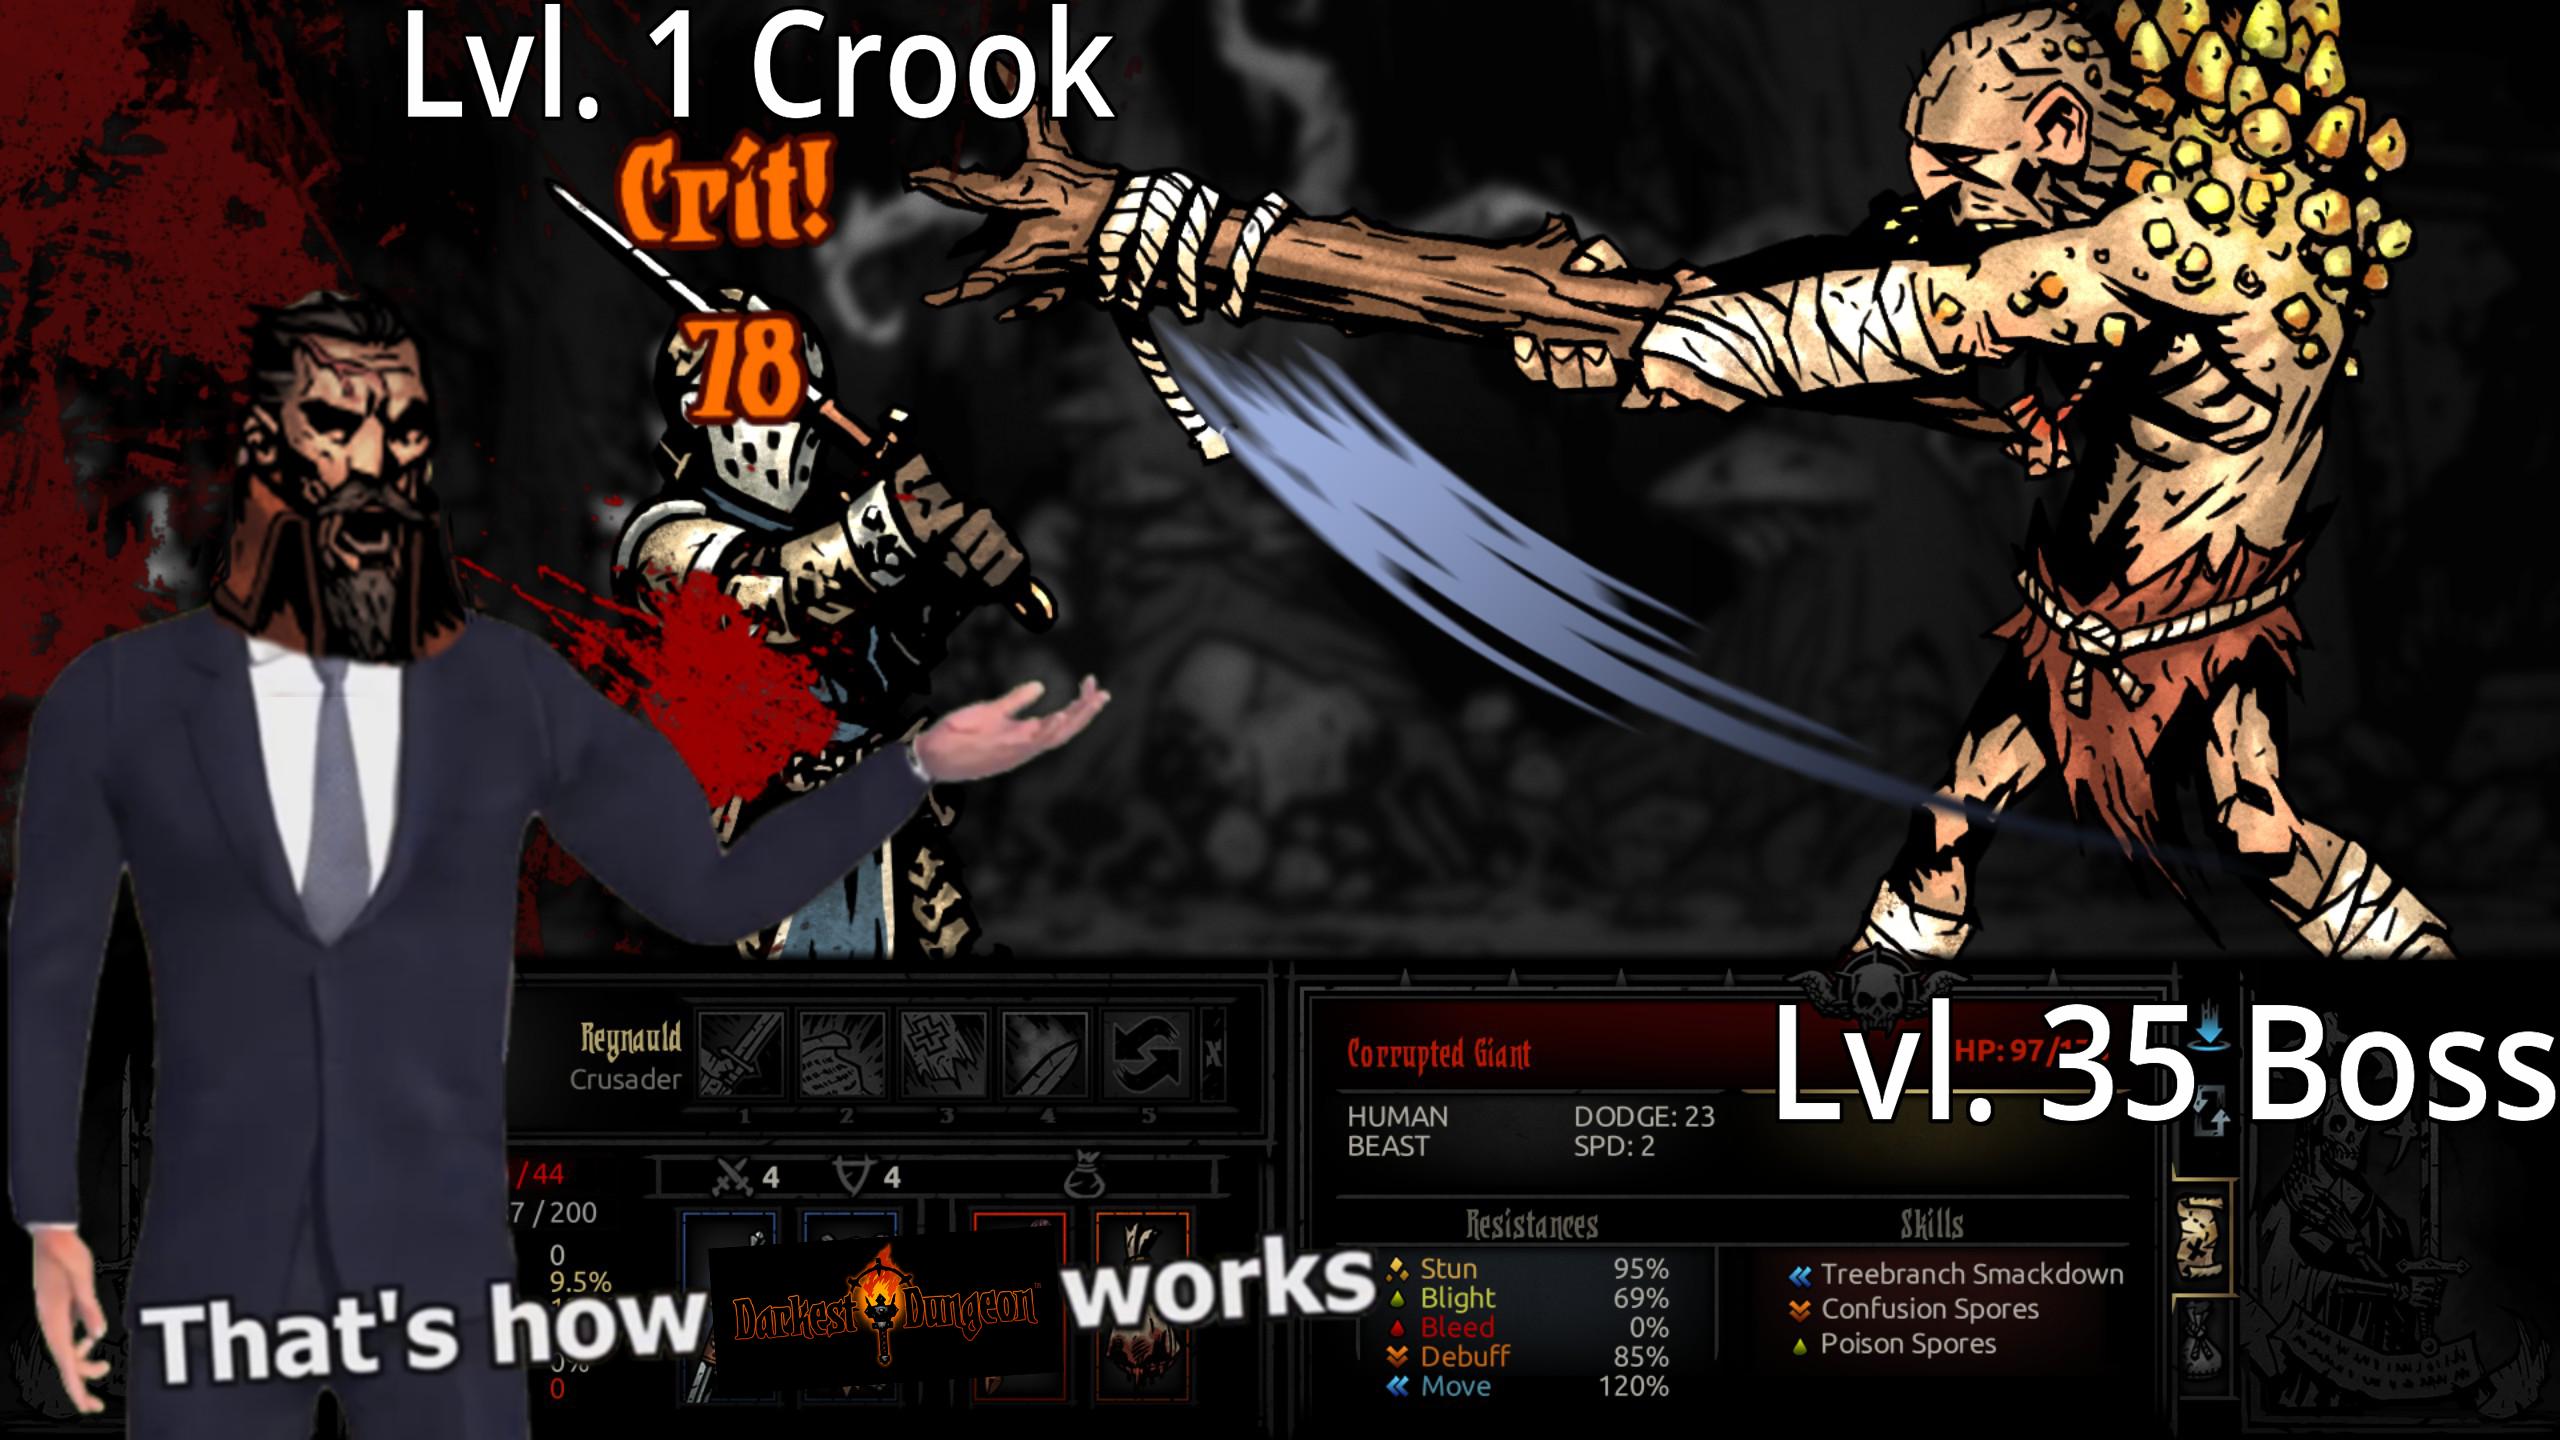 Lvl 1 crook c rit 치4 18 eynauld crusader v 35 boss